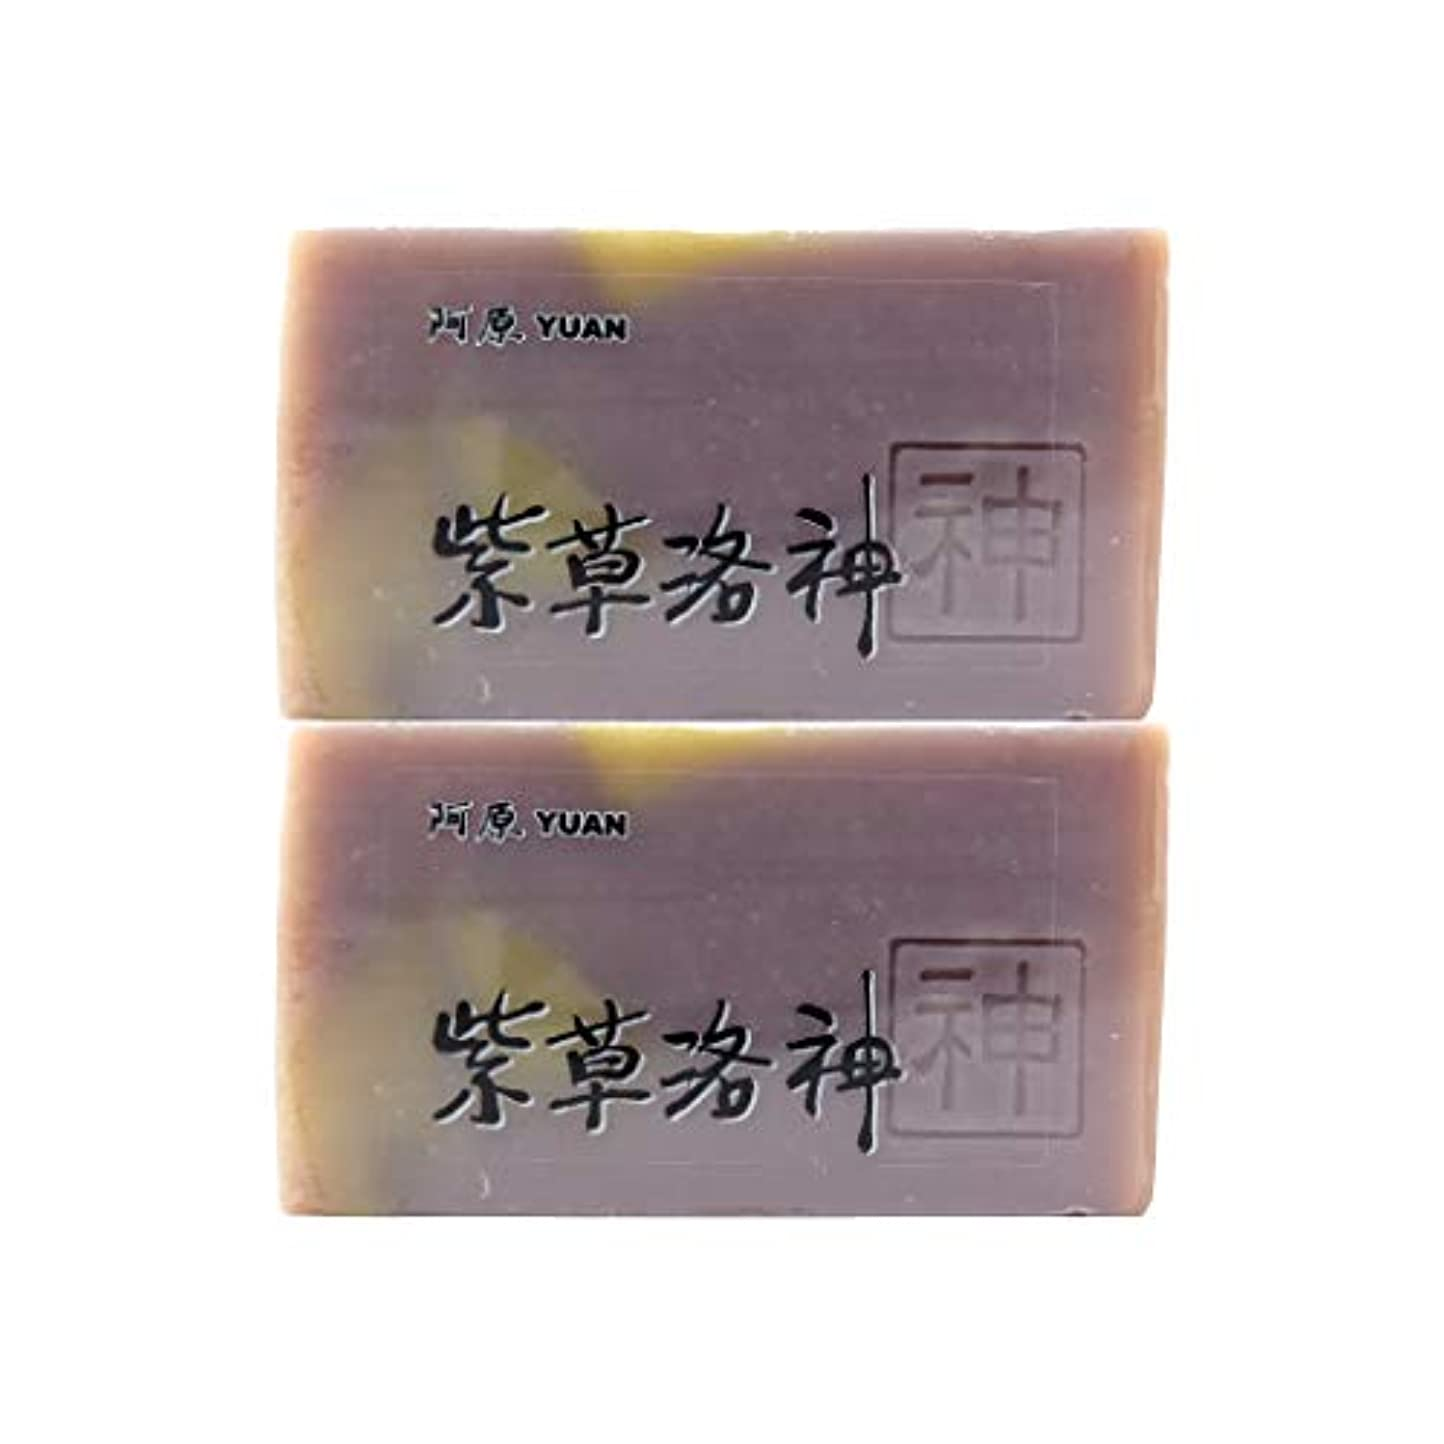 破裂サワーリムユアン(YUAN) ハイビスカスソープ 100g (2個セット)